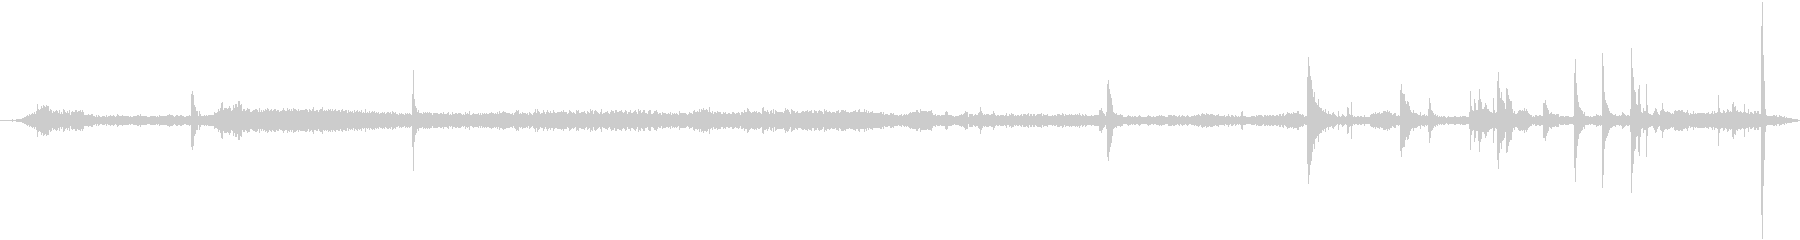 Macダンプトラック:Int:スロ...の未再生の波形